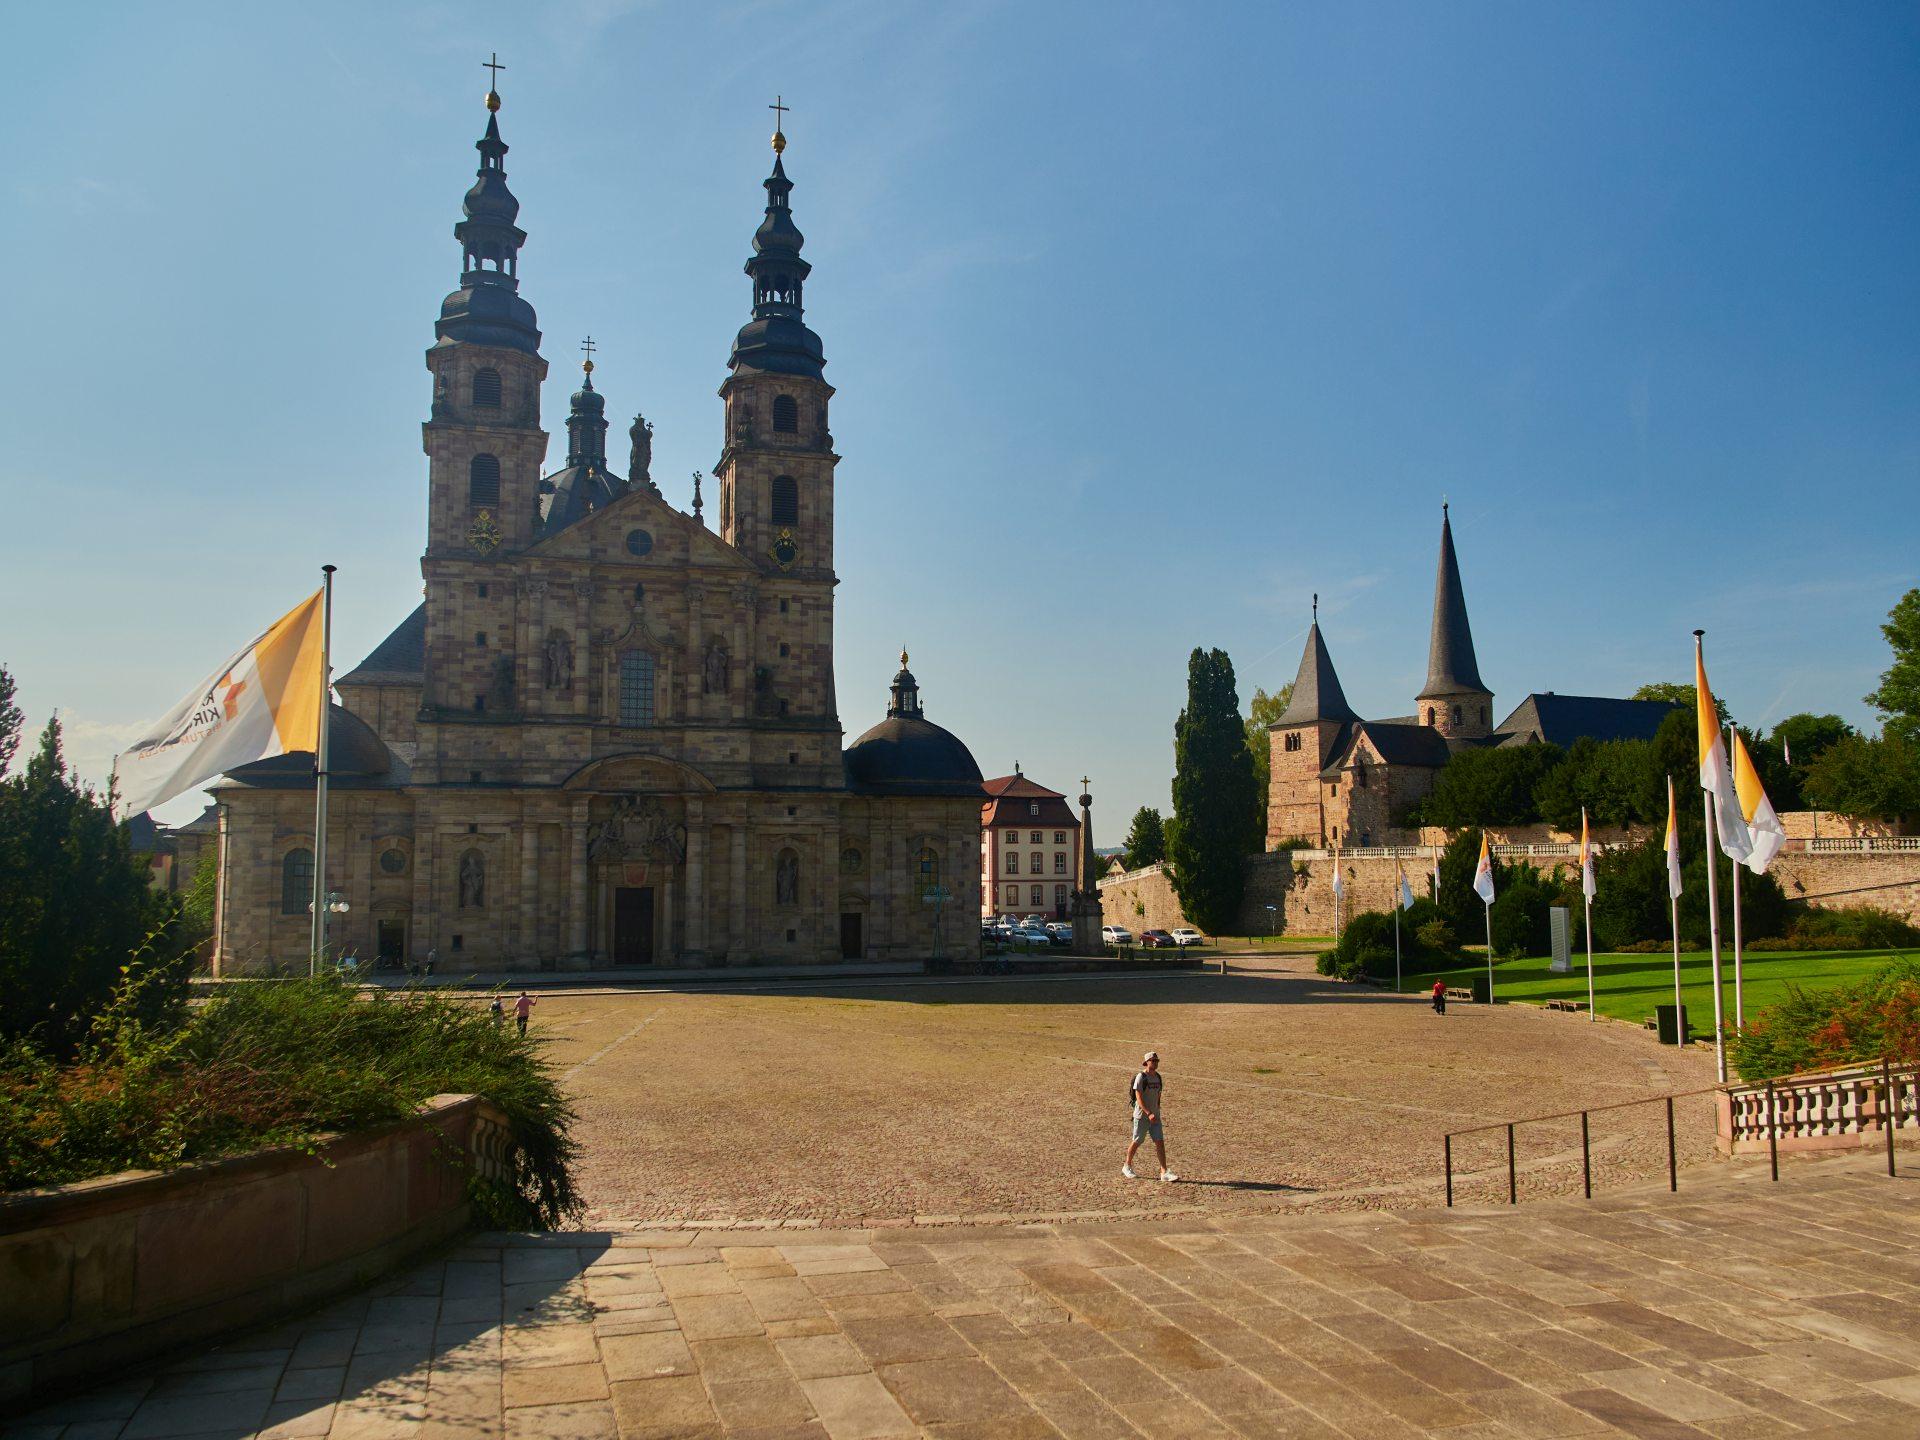 Rechts die Michaelskirche (822), links Dom St. Salvator (1712) und Domplatz